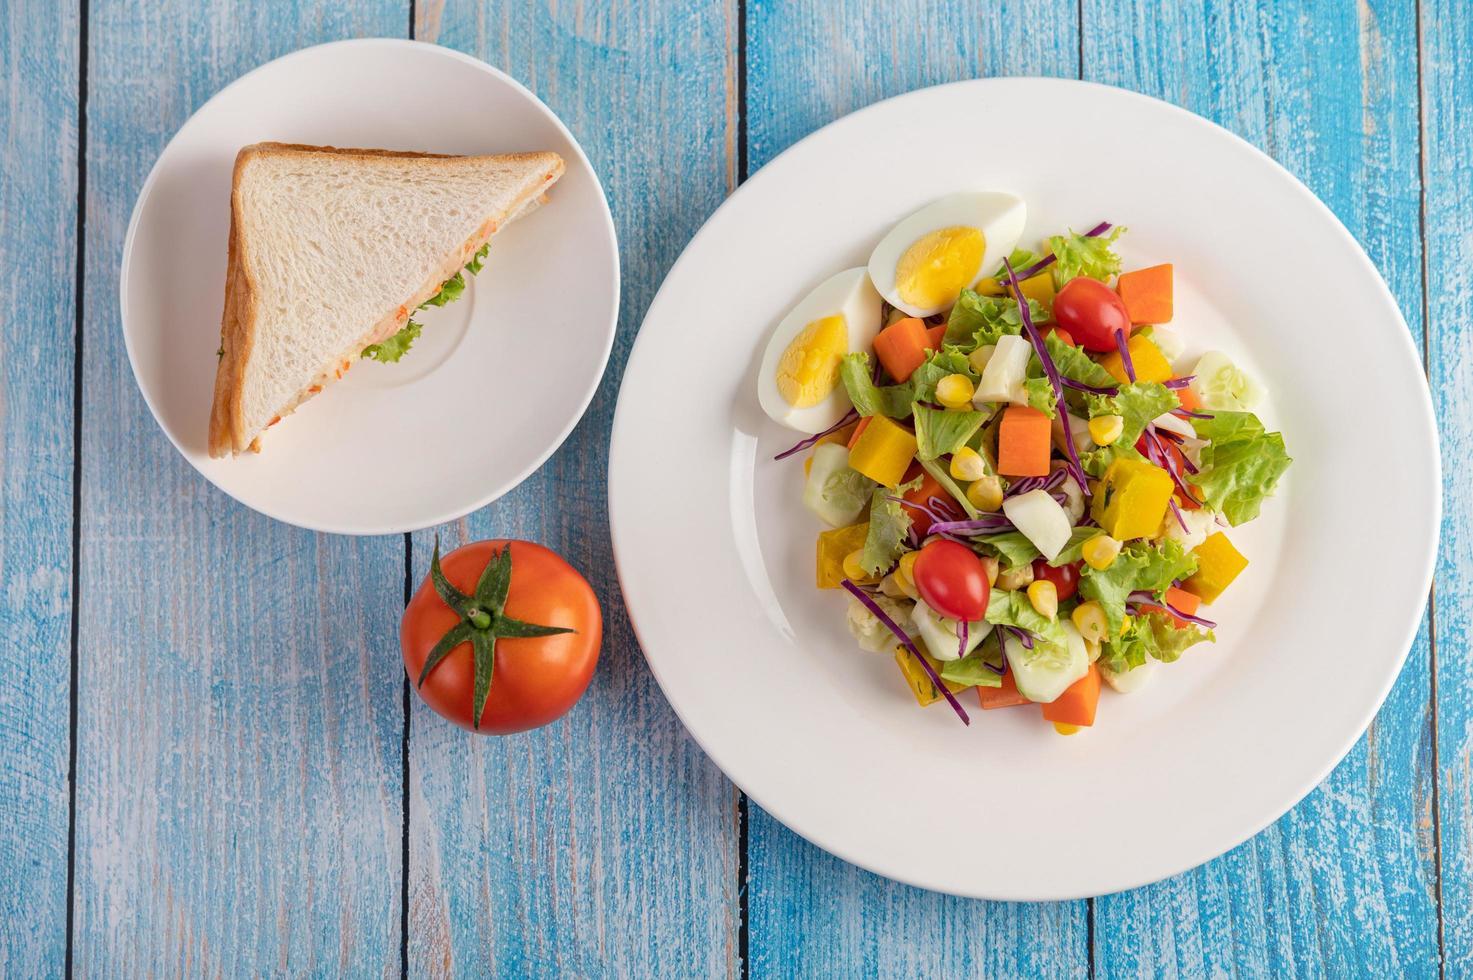 frischer Salat auf einem weißen Teller mit Sandwich und Tomaten foto